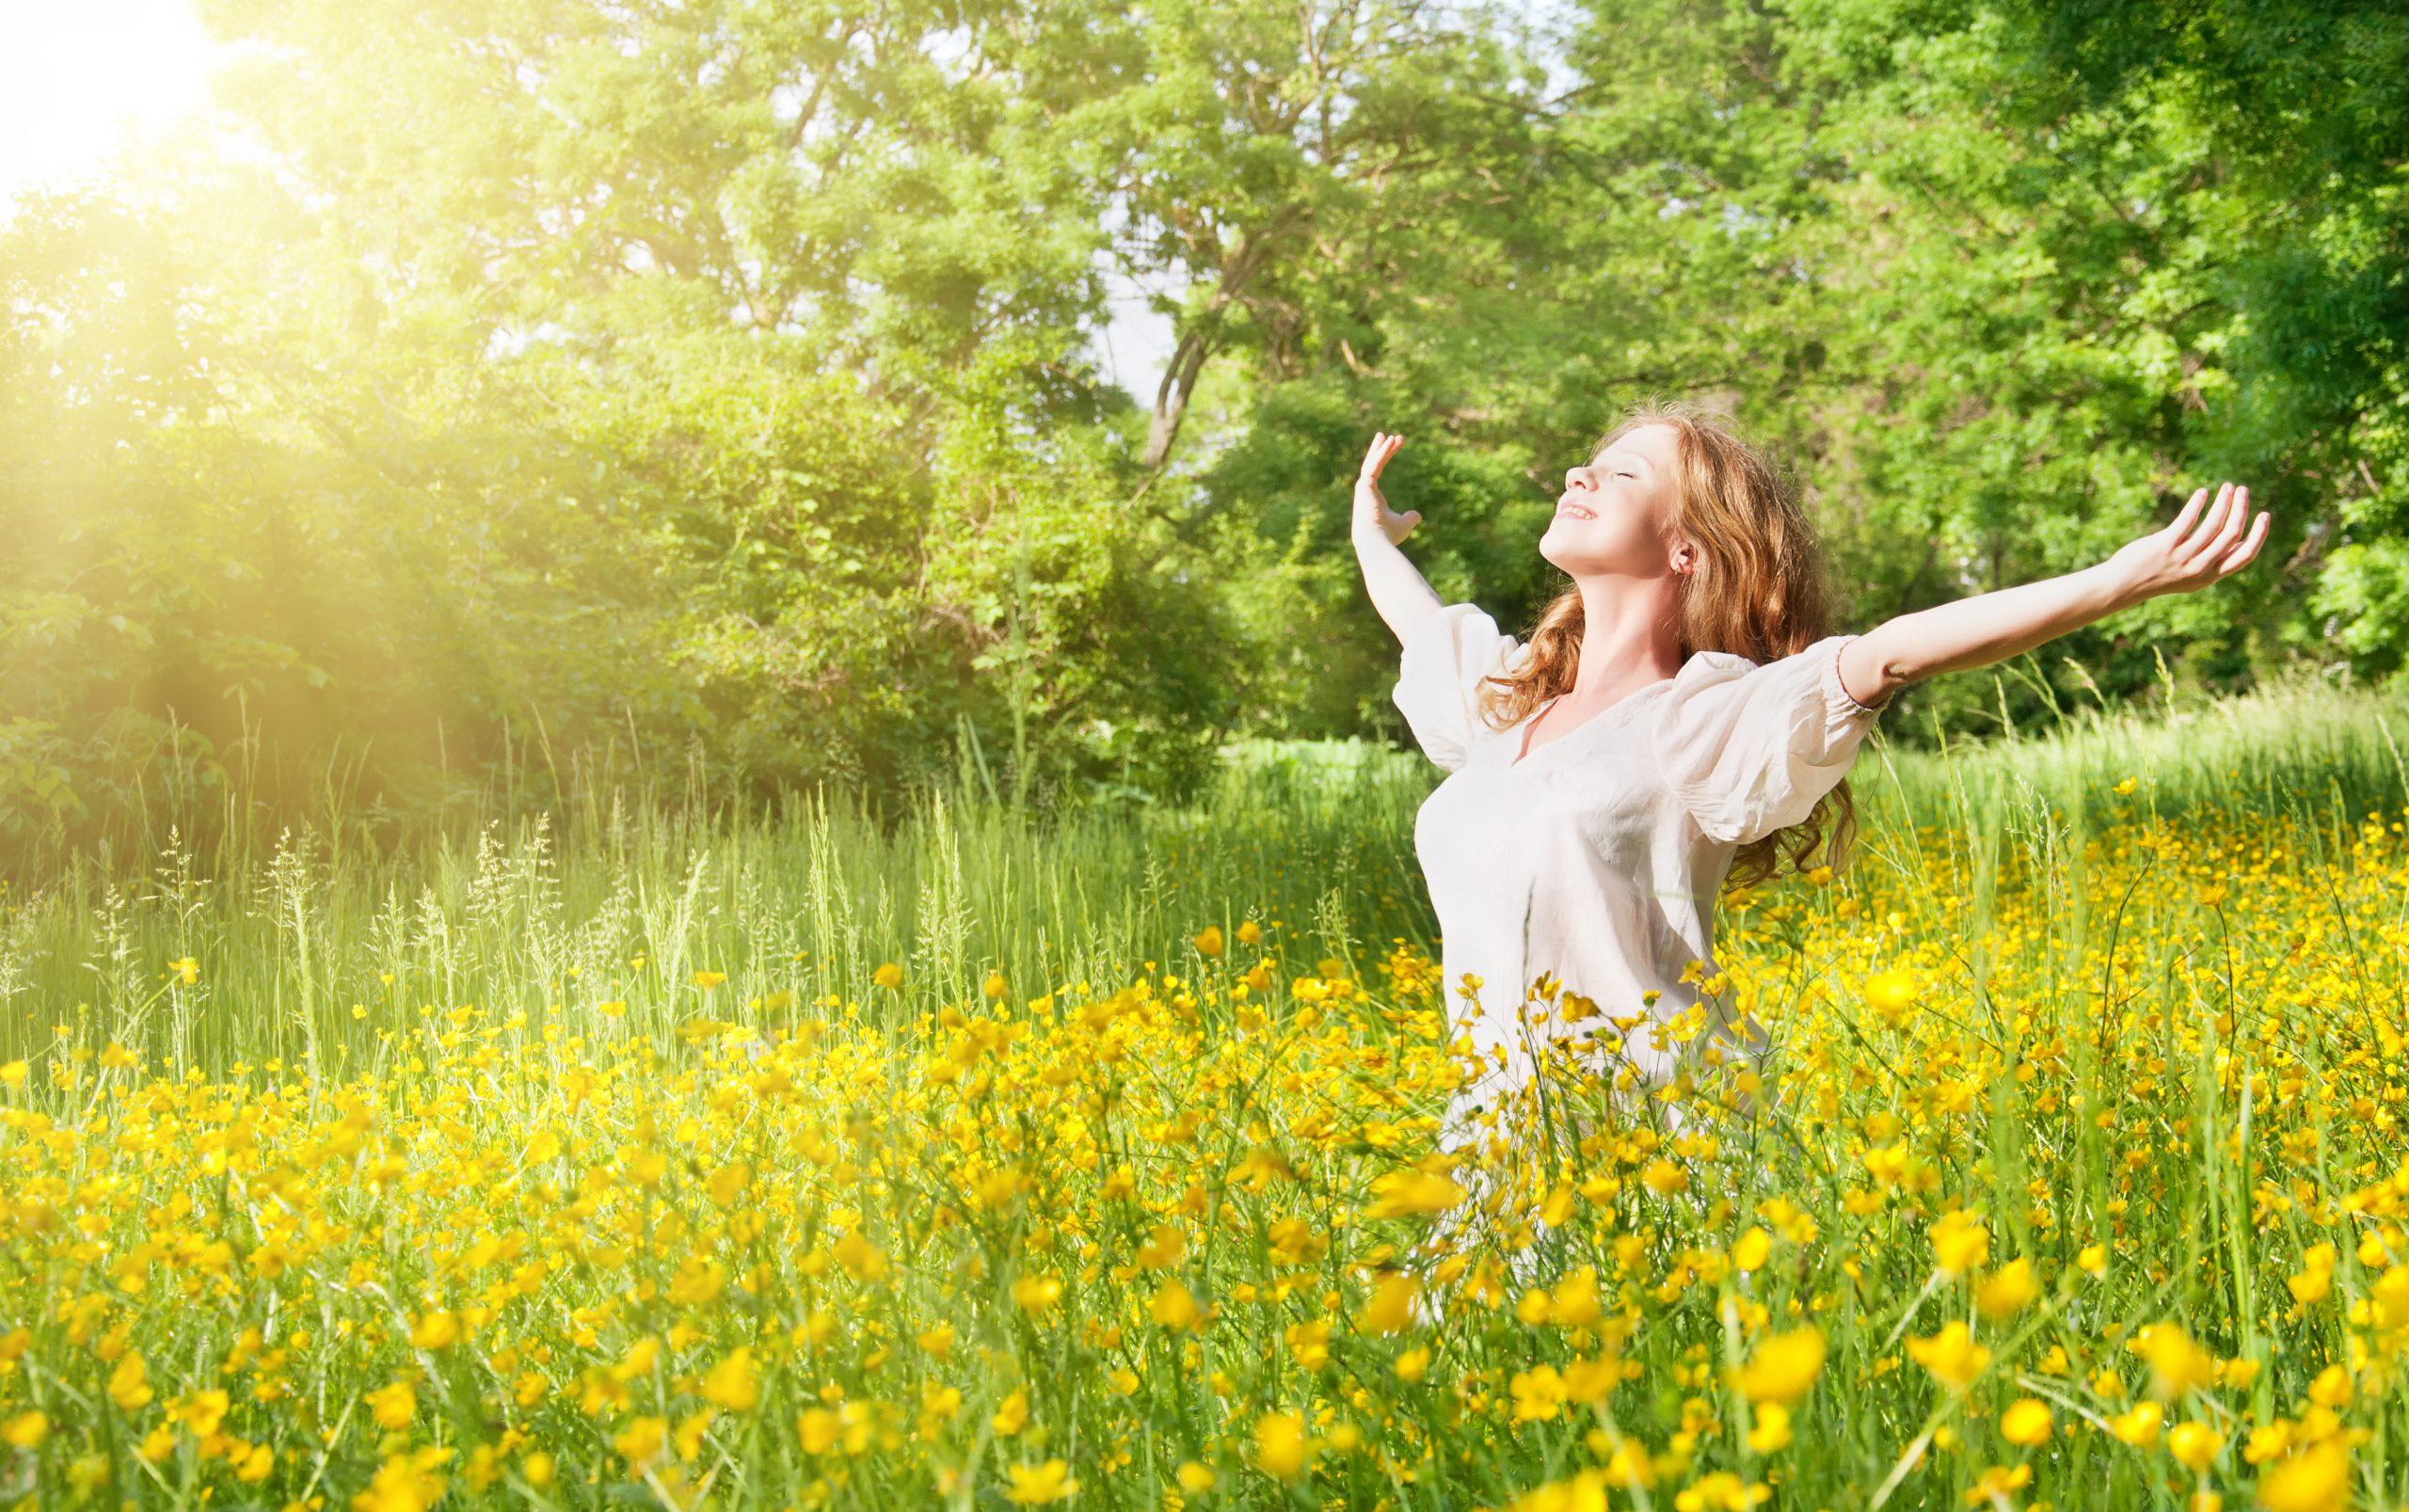 Eine Frau steht in einer Blumenwiese